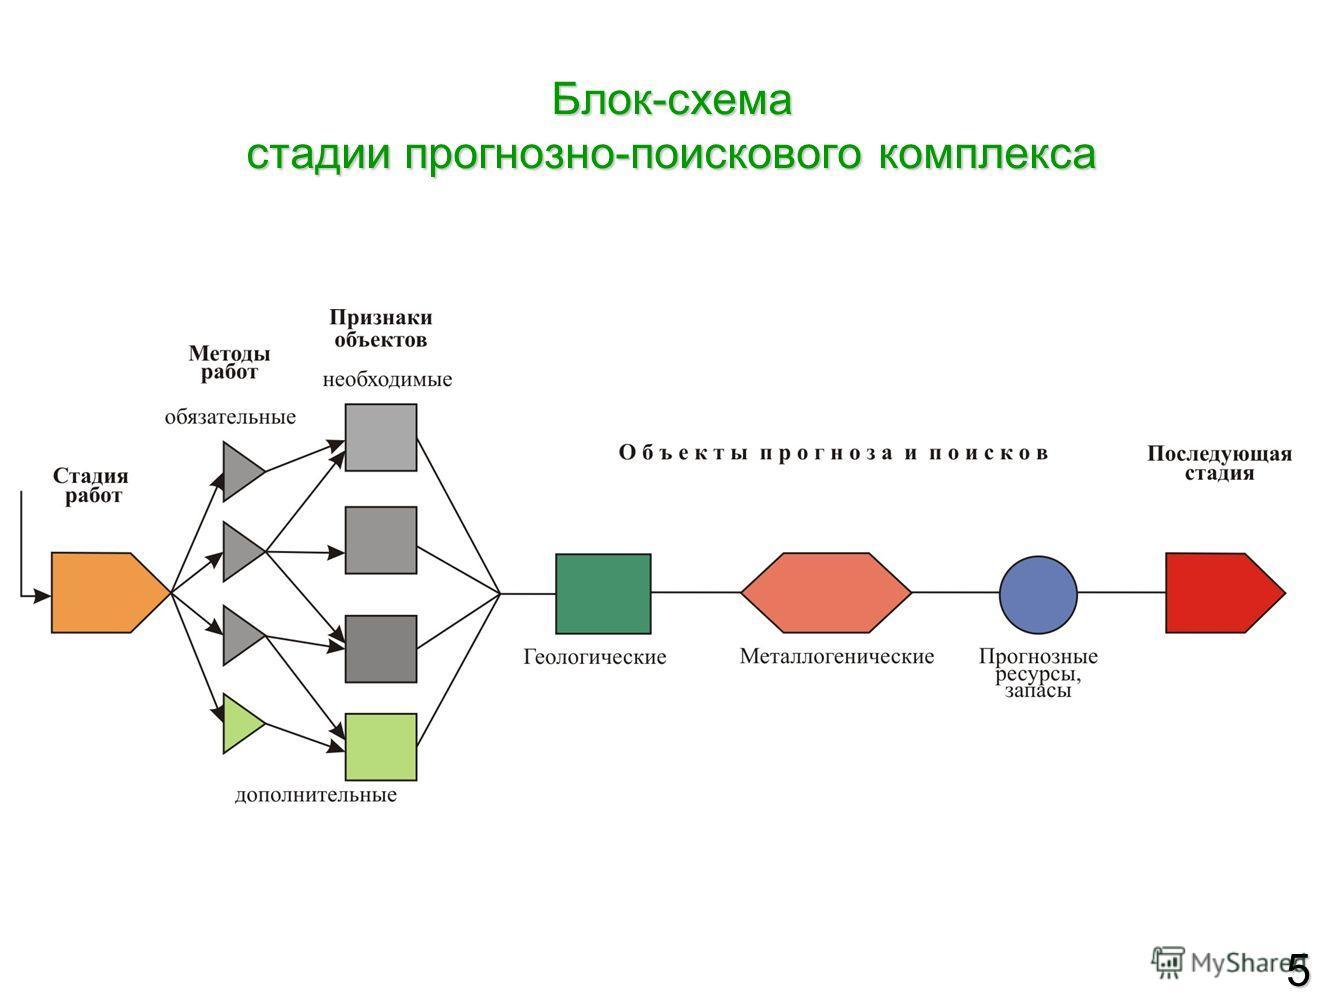 Блок-схема стадии прогнозно-поискового комплекса 5